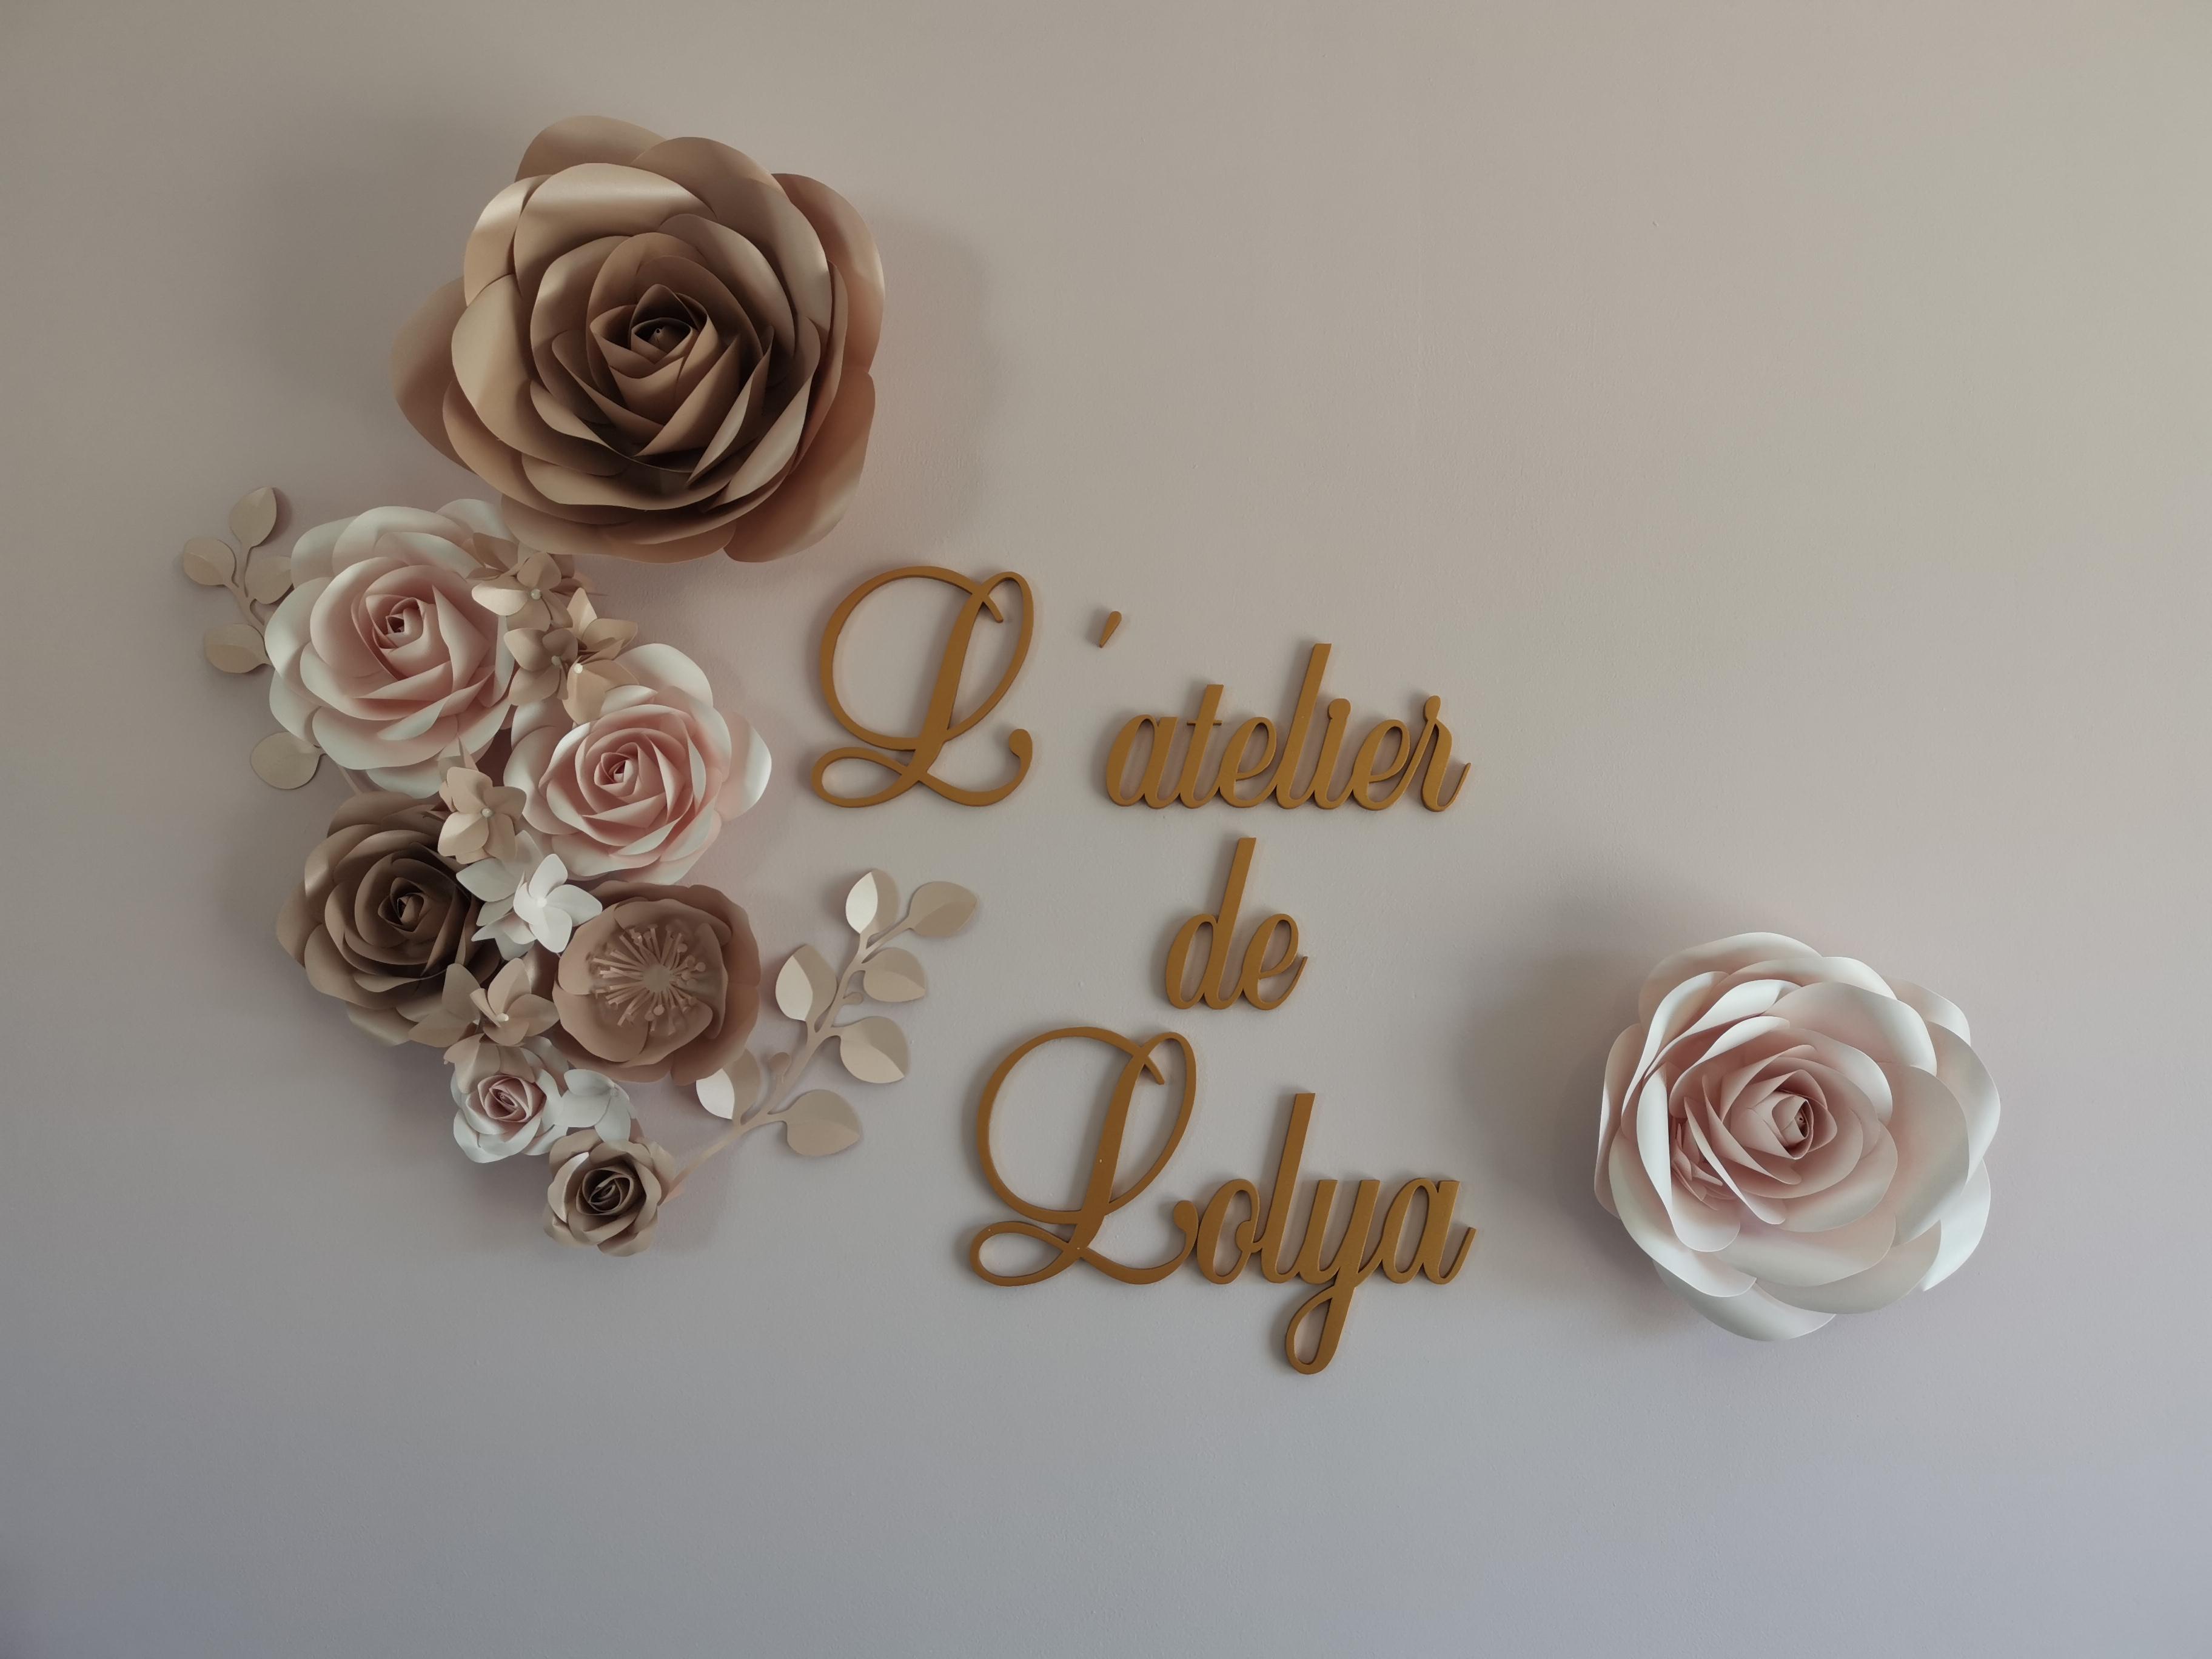 L'atelier de Lolya